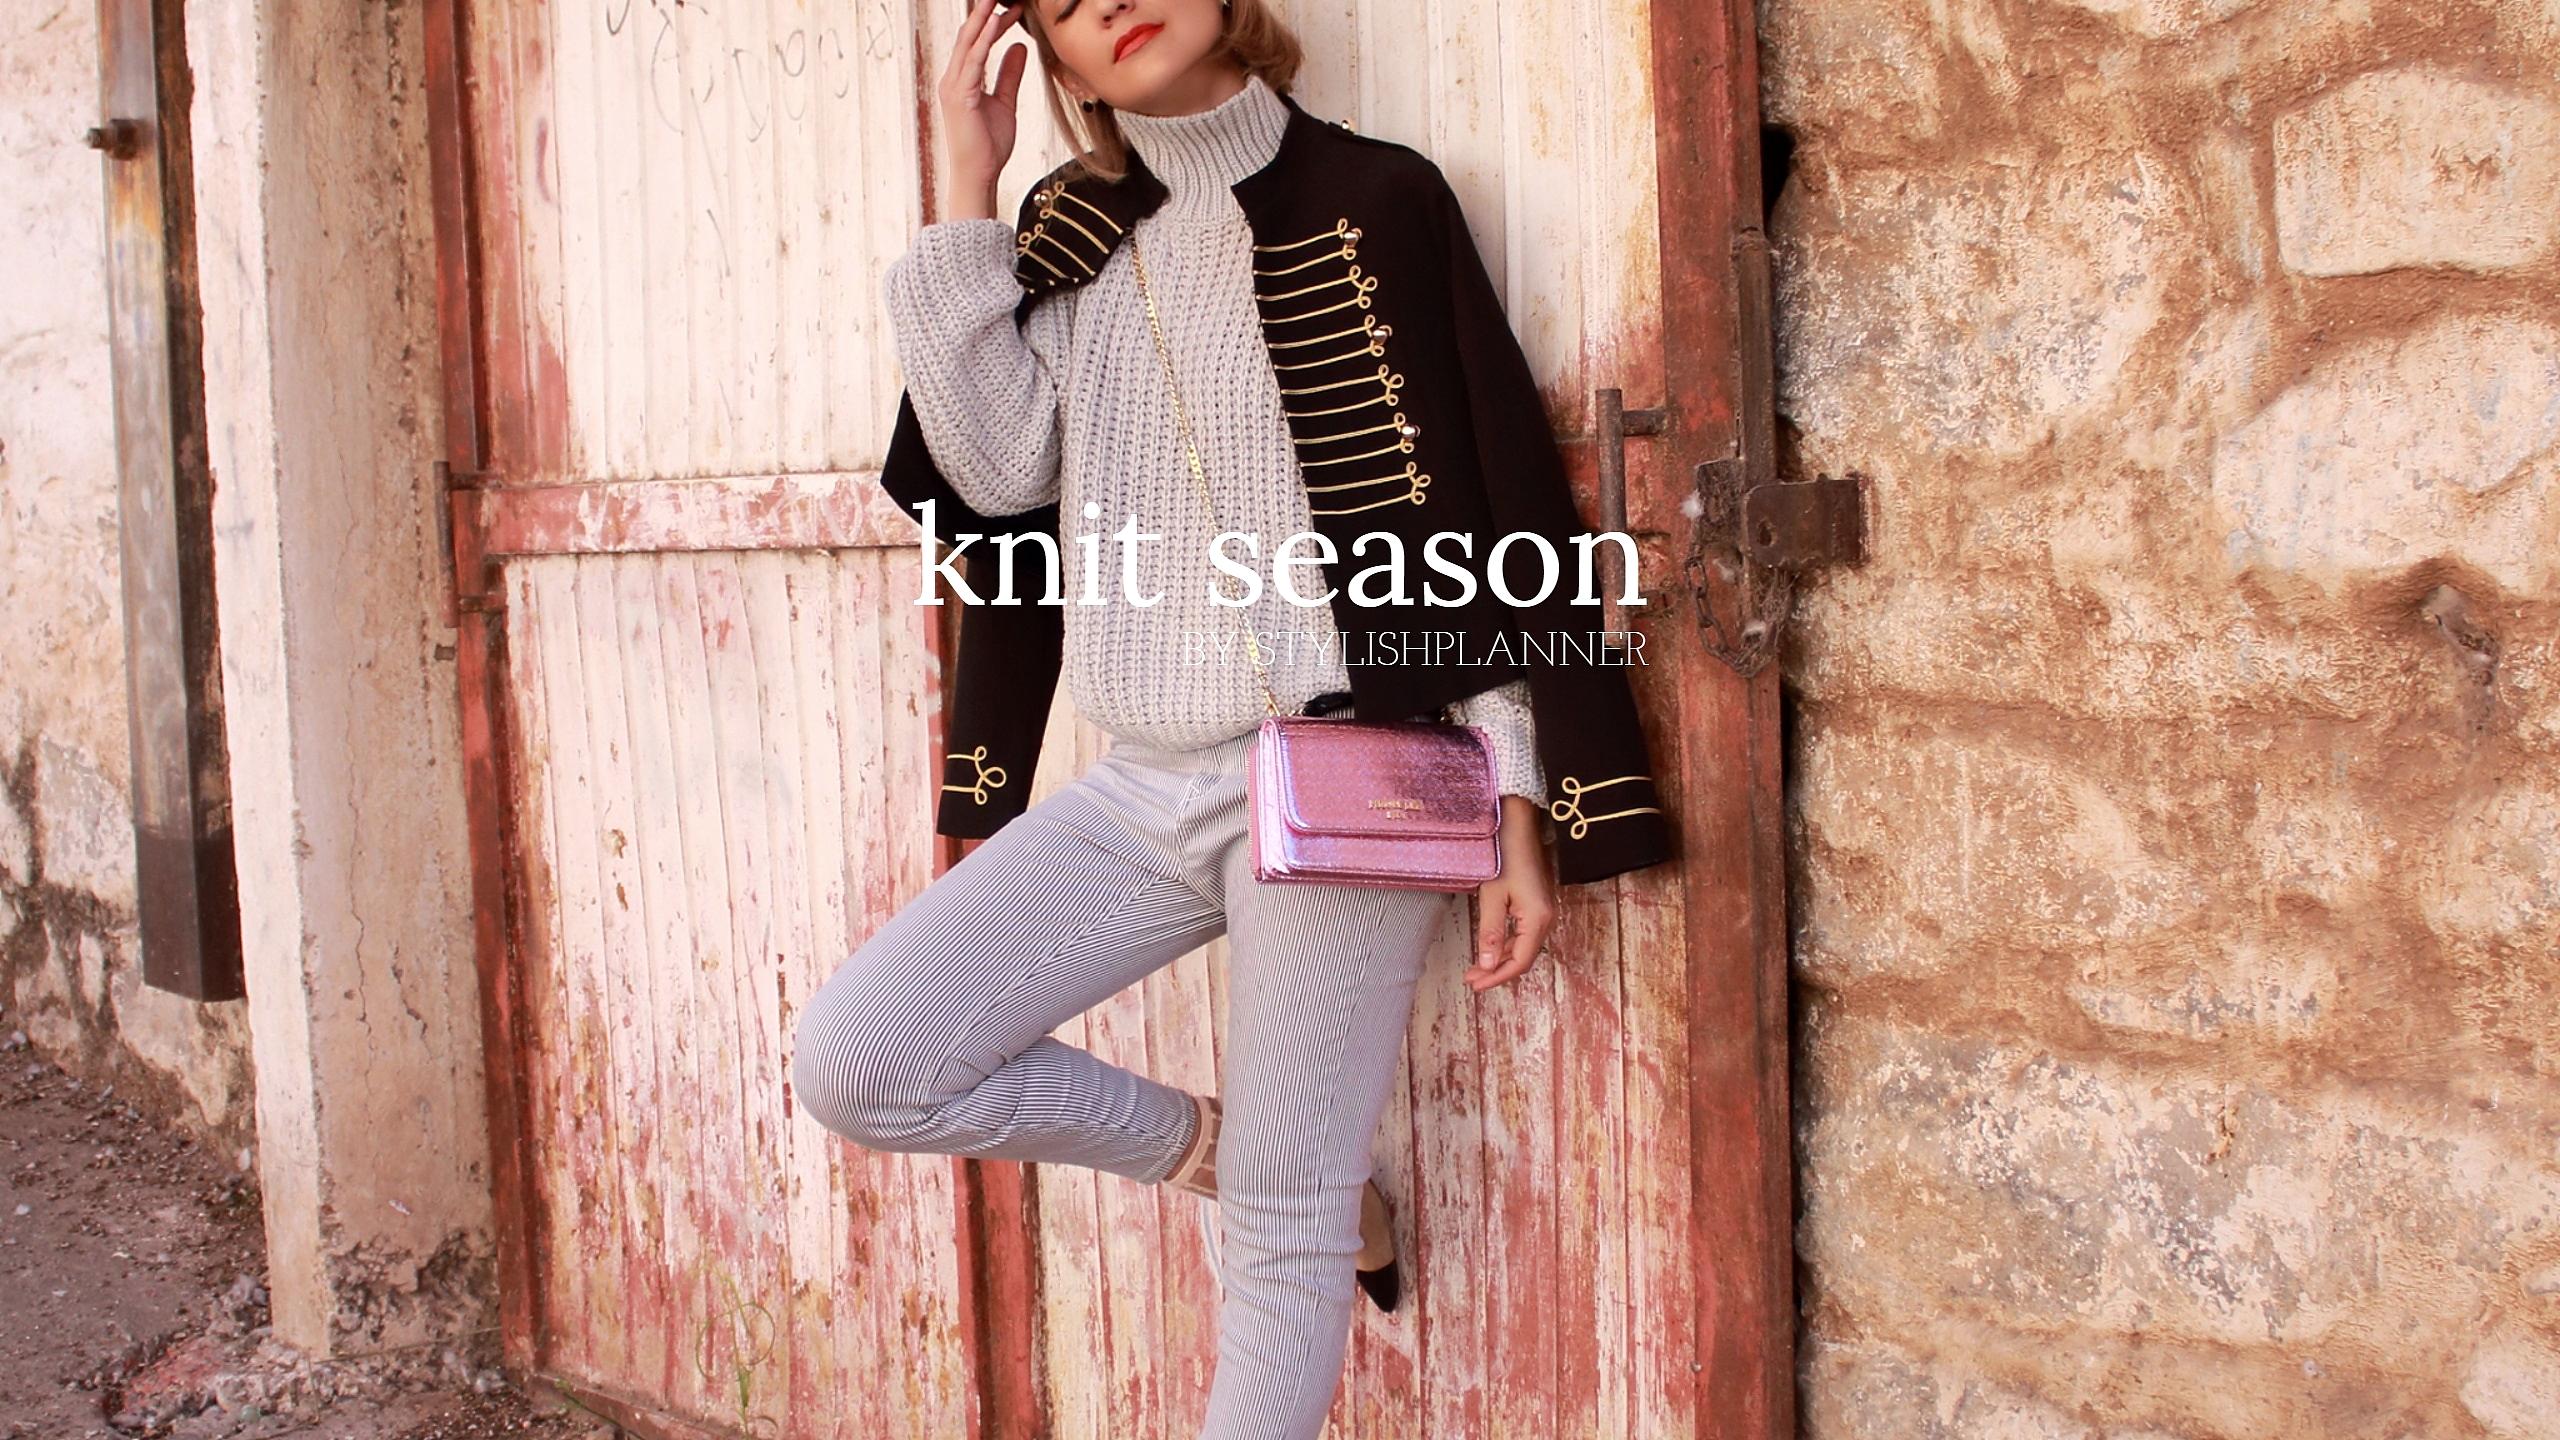 Knit season